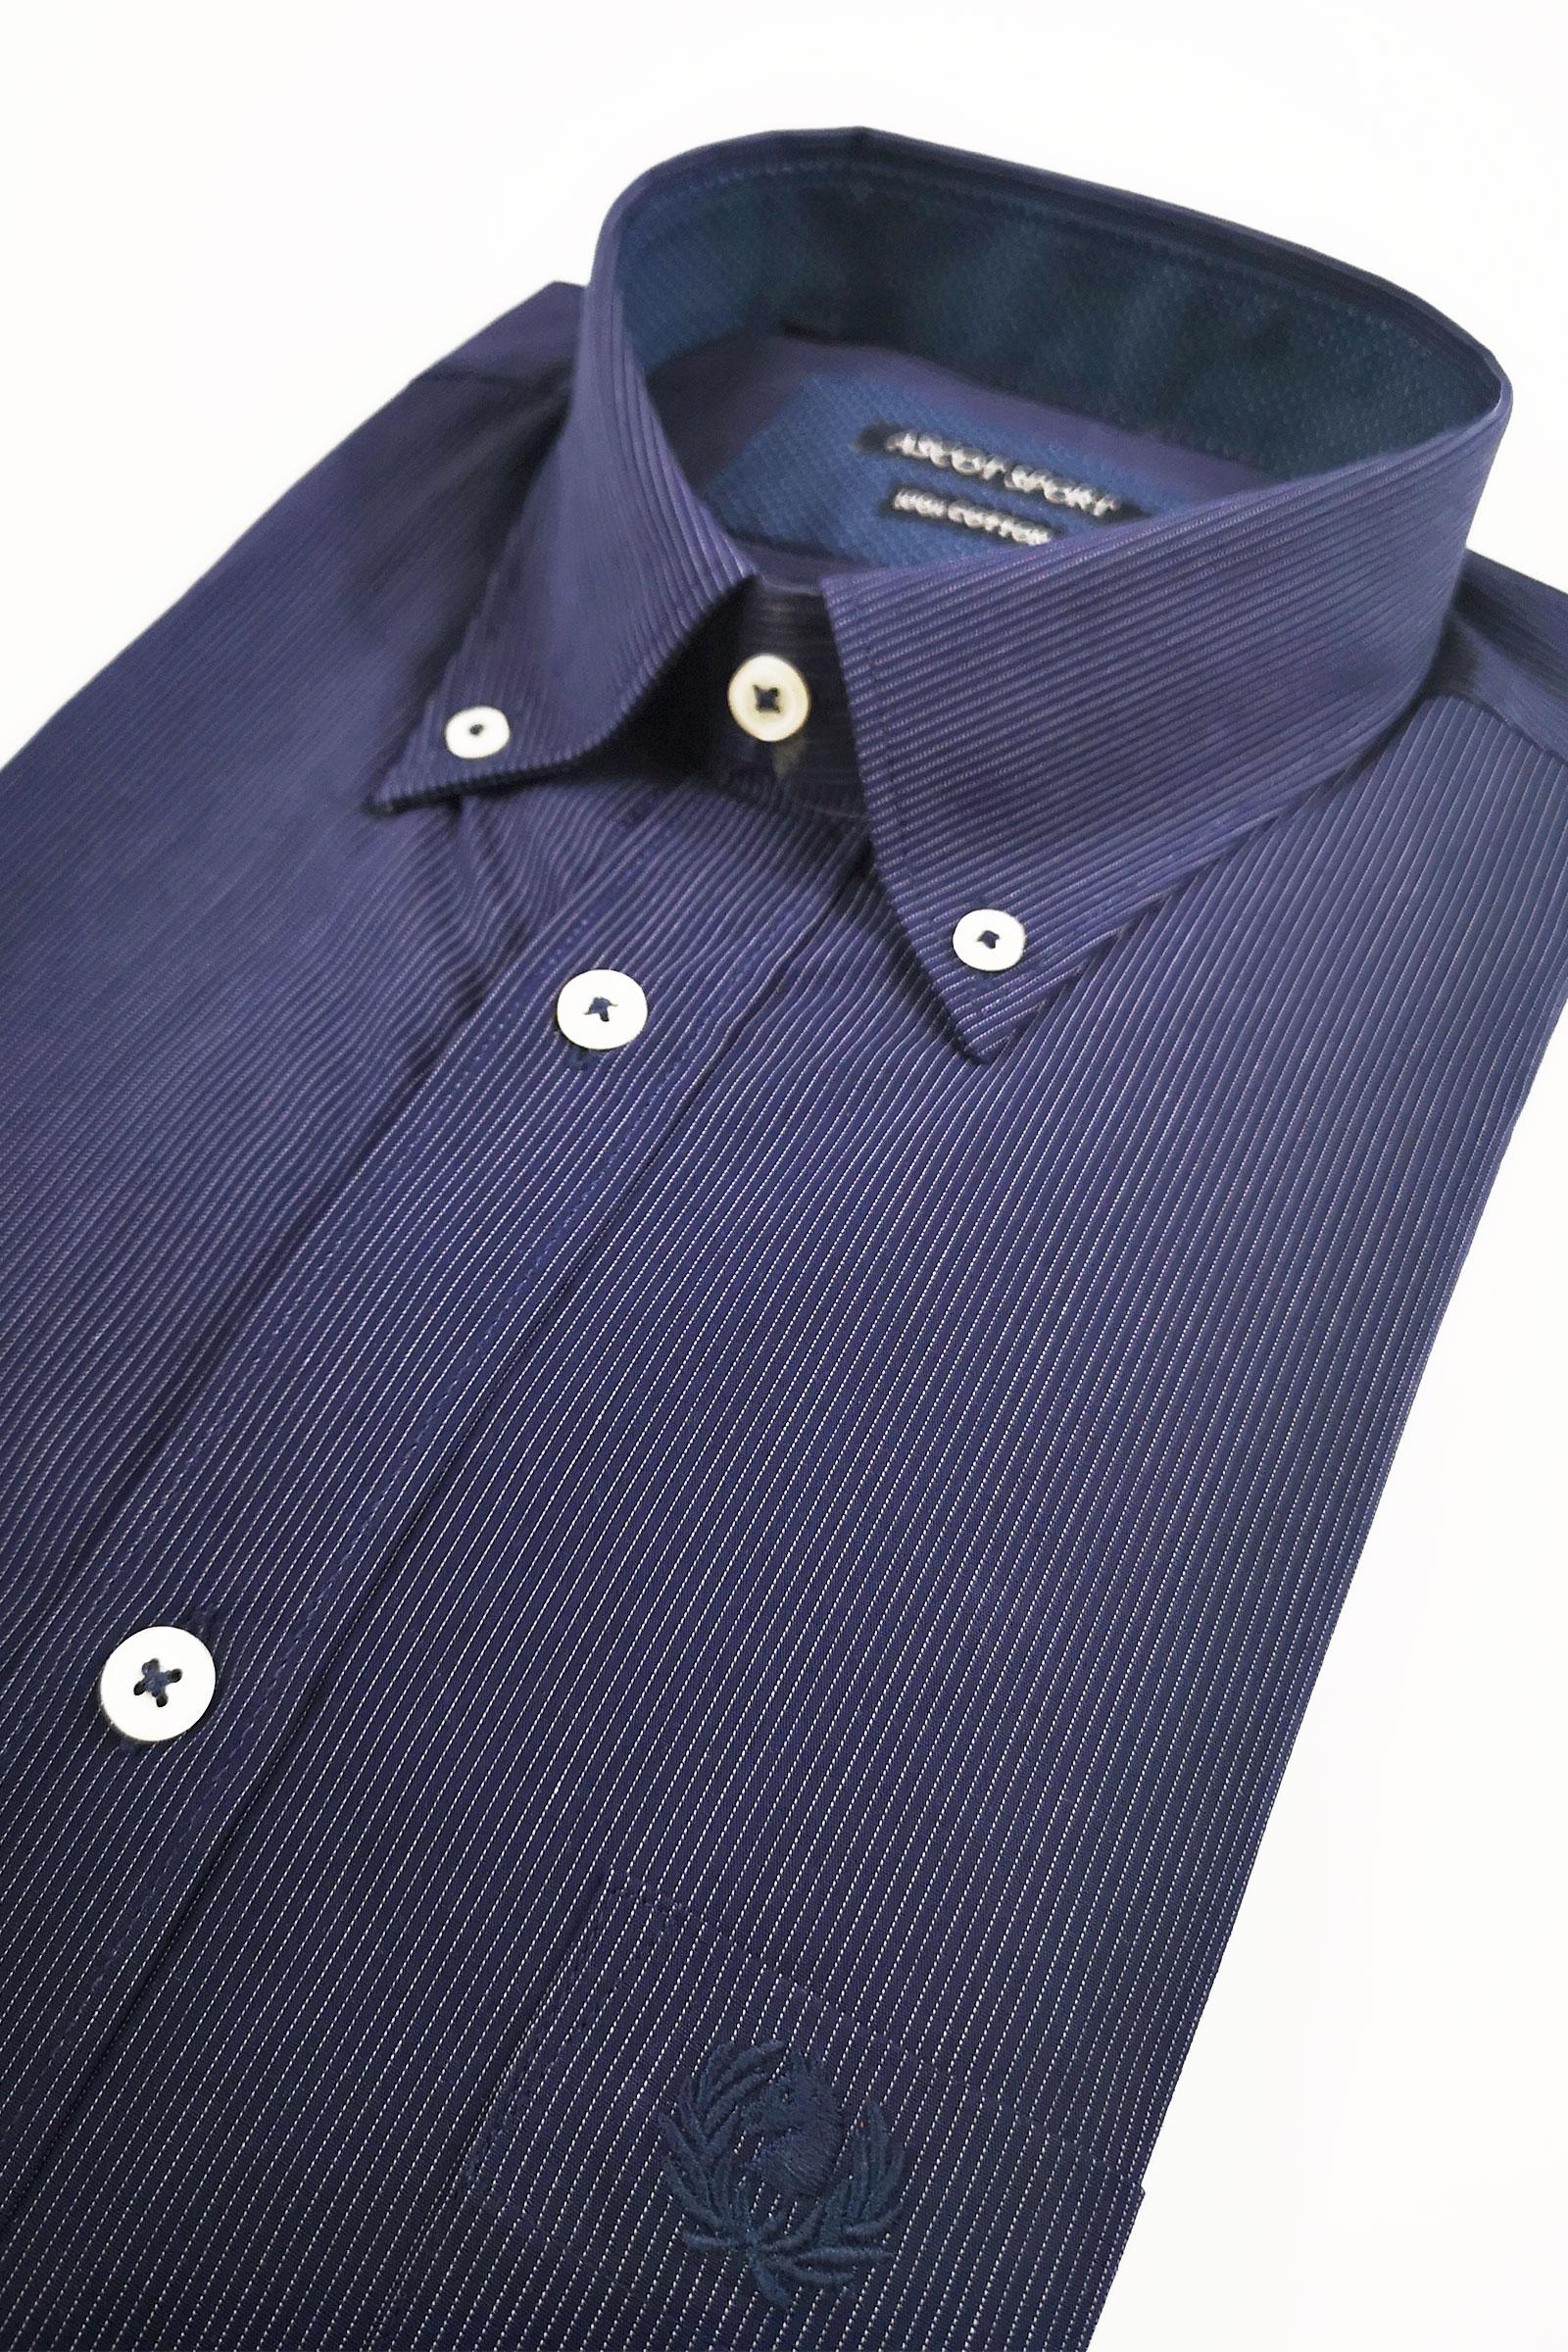 ASCOT Men's Shirt ASCOT | Shirt | 15873-20645